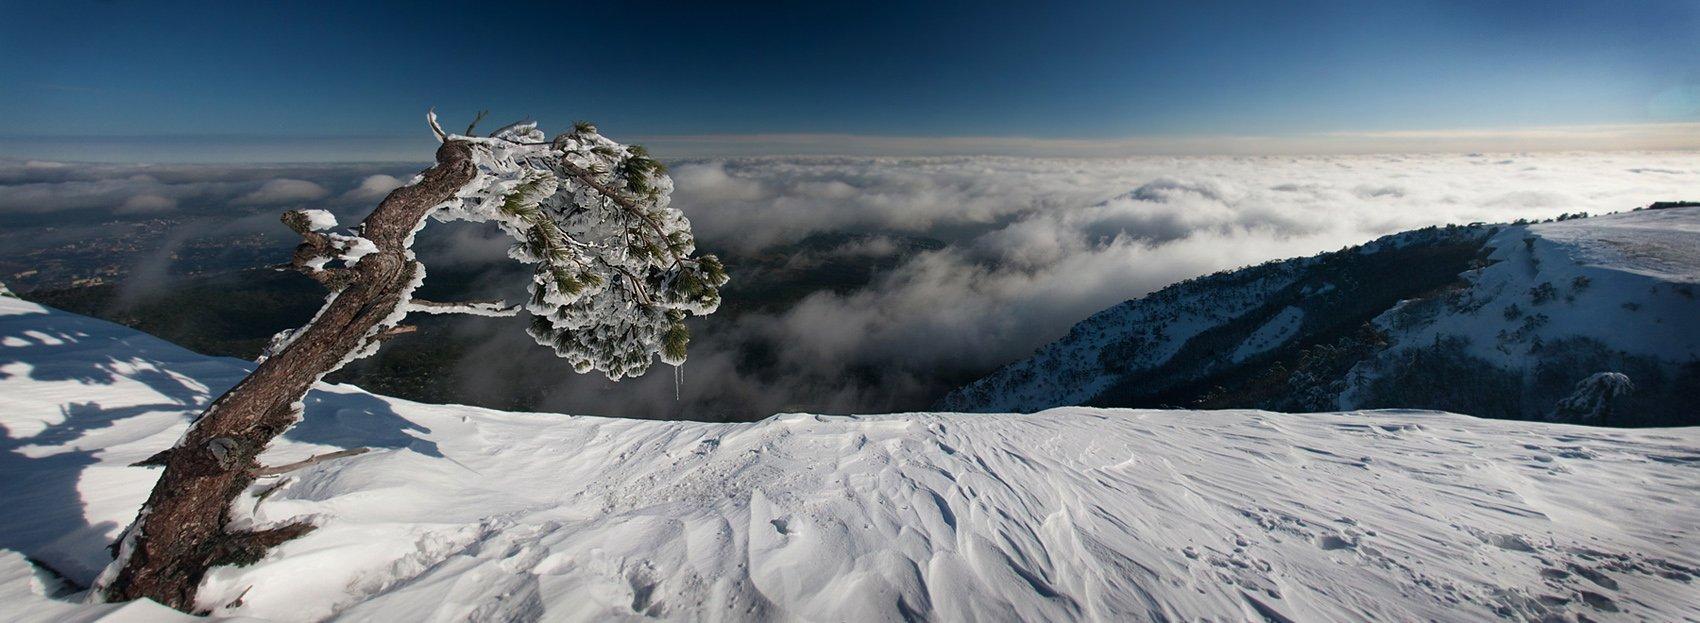 зима, сосна, снег, горы, Anastasia Aymilios